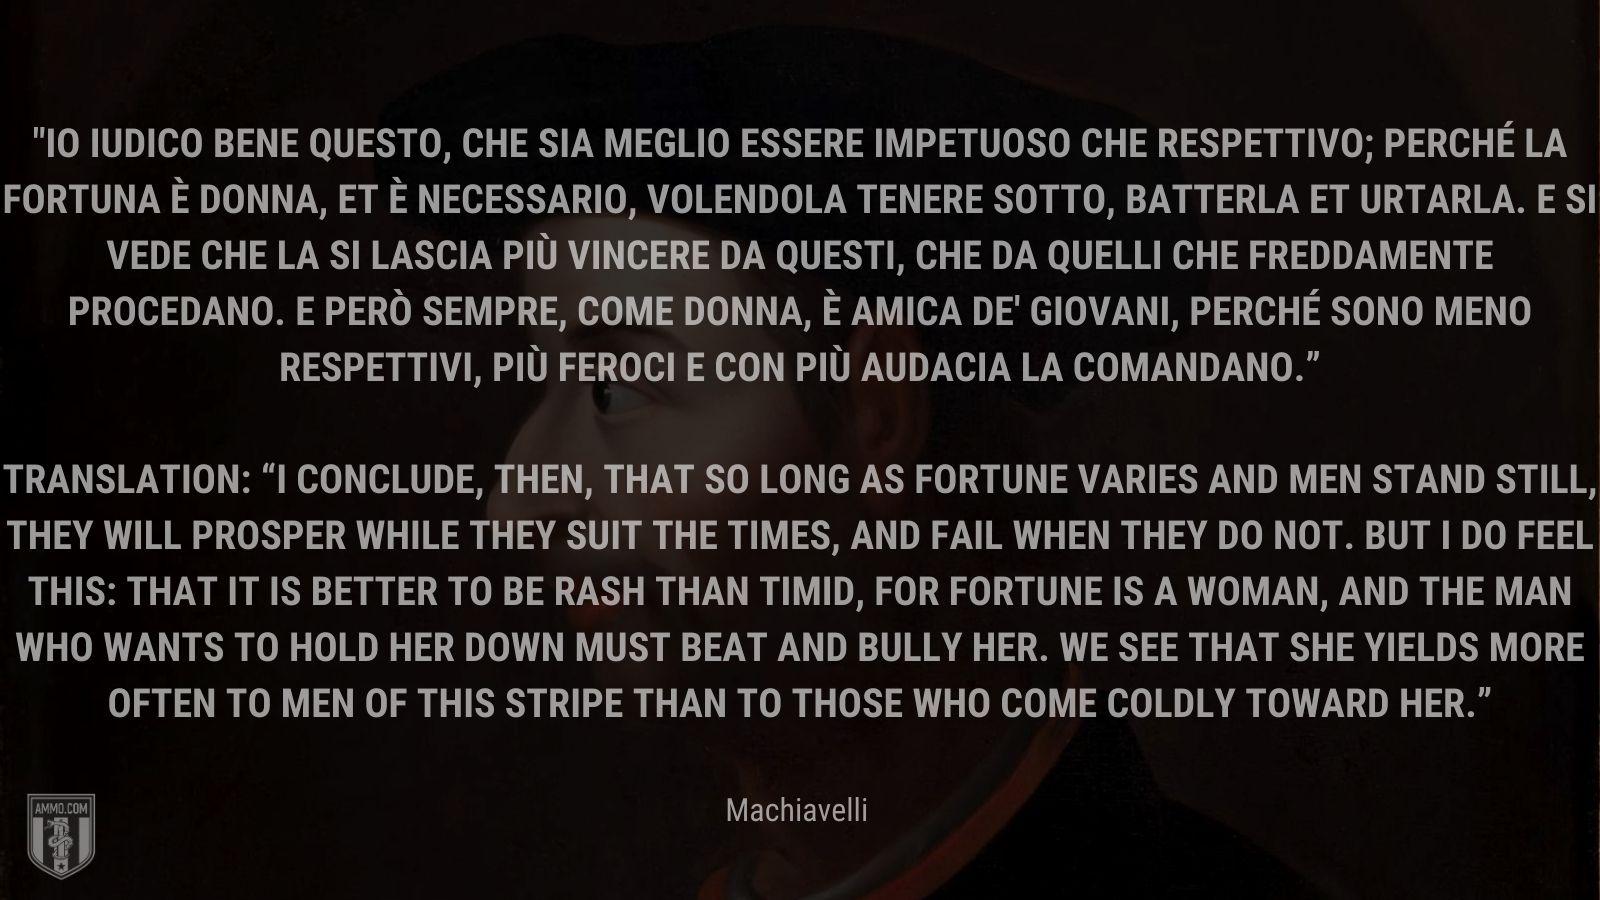 """""""Io iudico bene questo, che sia meglio essere impetuoso che respettivo; perché la fortuna è donna, et è necessario, volendola tenere sotto, batterla et urtarla. E si vede che la si lascia più vincere da questi, che da quelli che freddamente procedano. E però sempre, come donna, è amica de' giovani, perché sono meno respettivi, più feroci e con più audacia la comandano."""" -Machiavelli"""